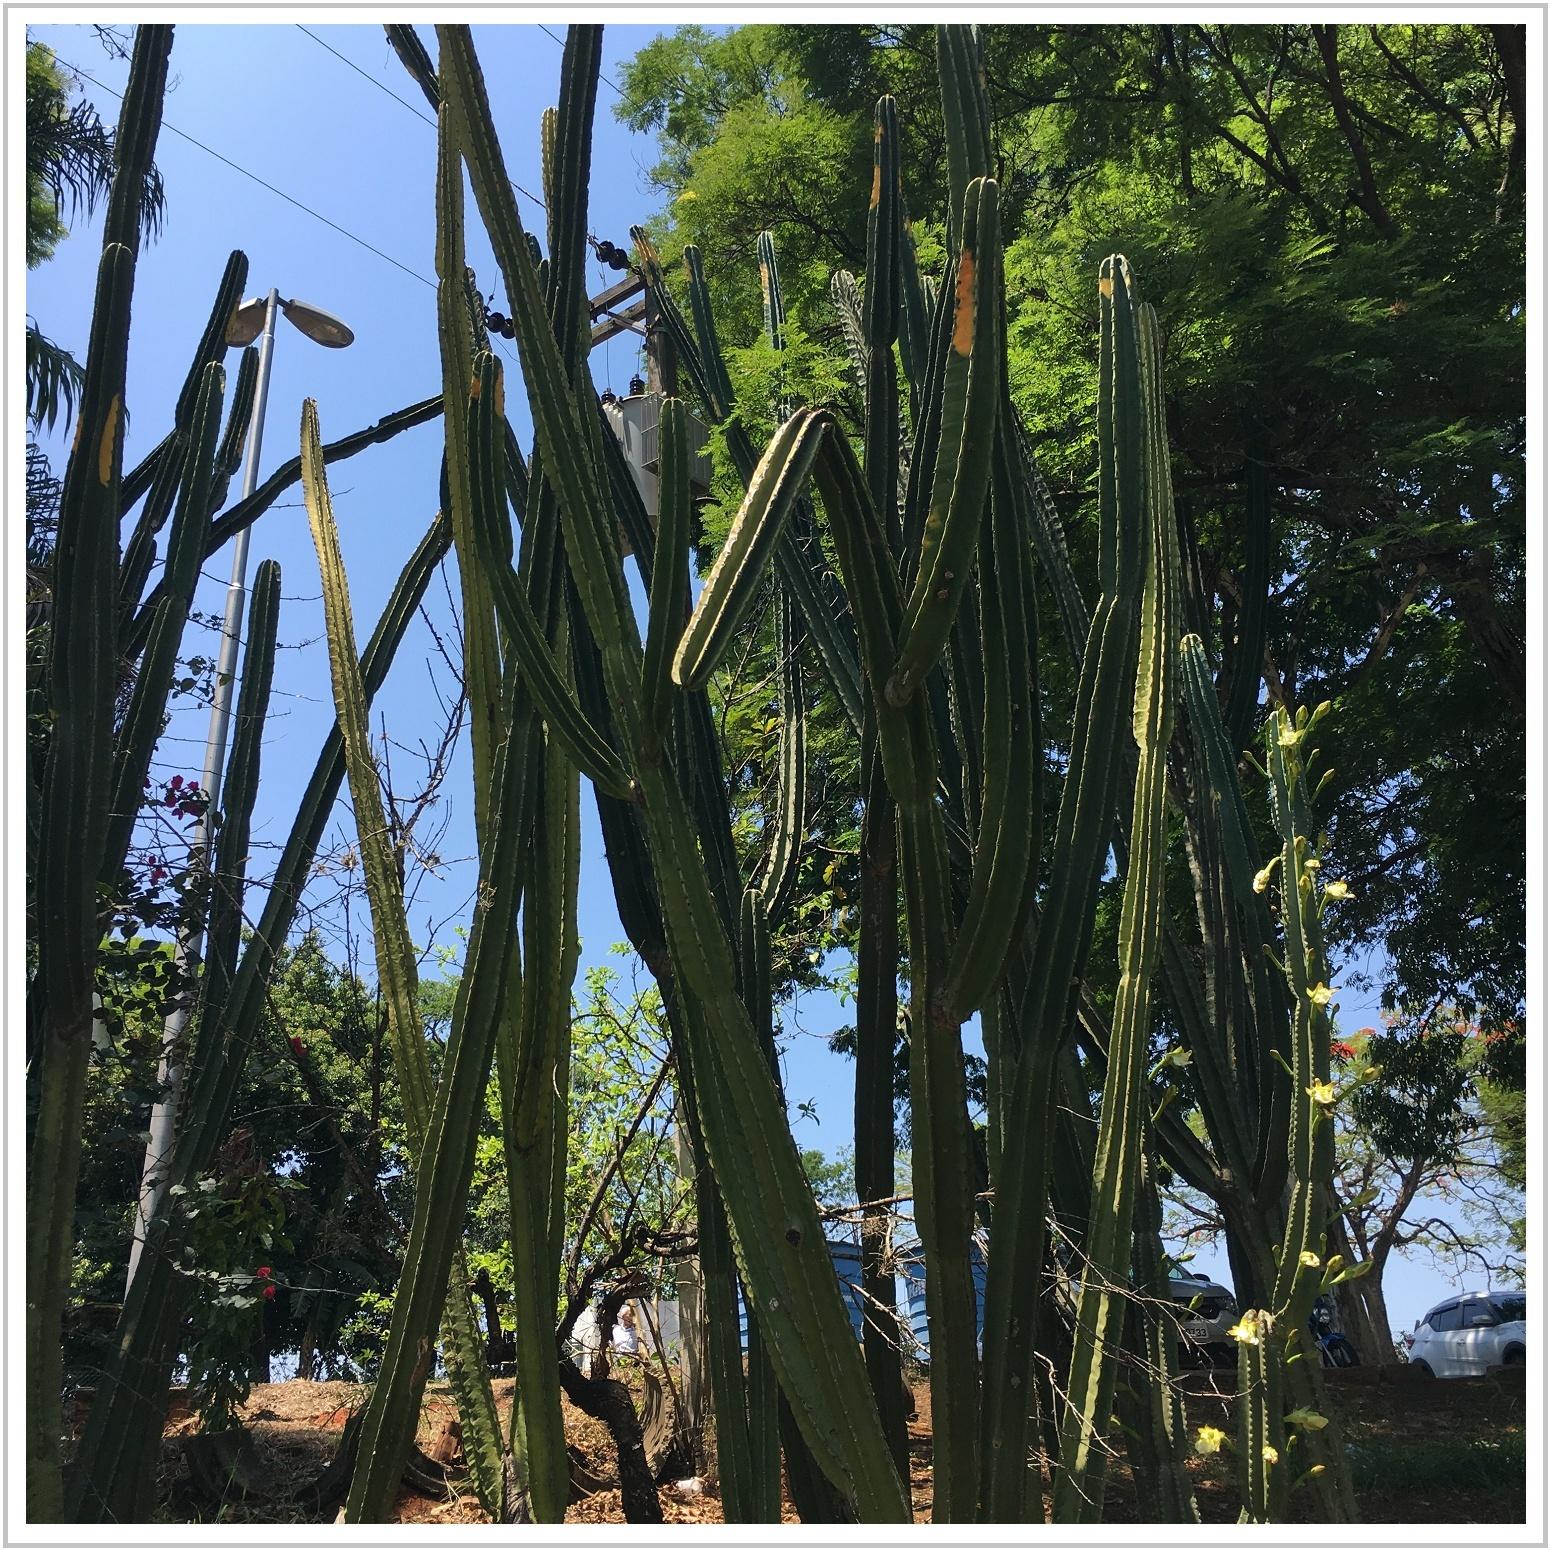 cactus_1_1018.jpg